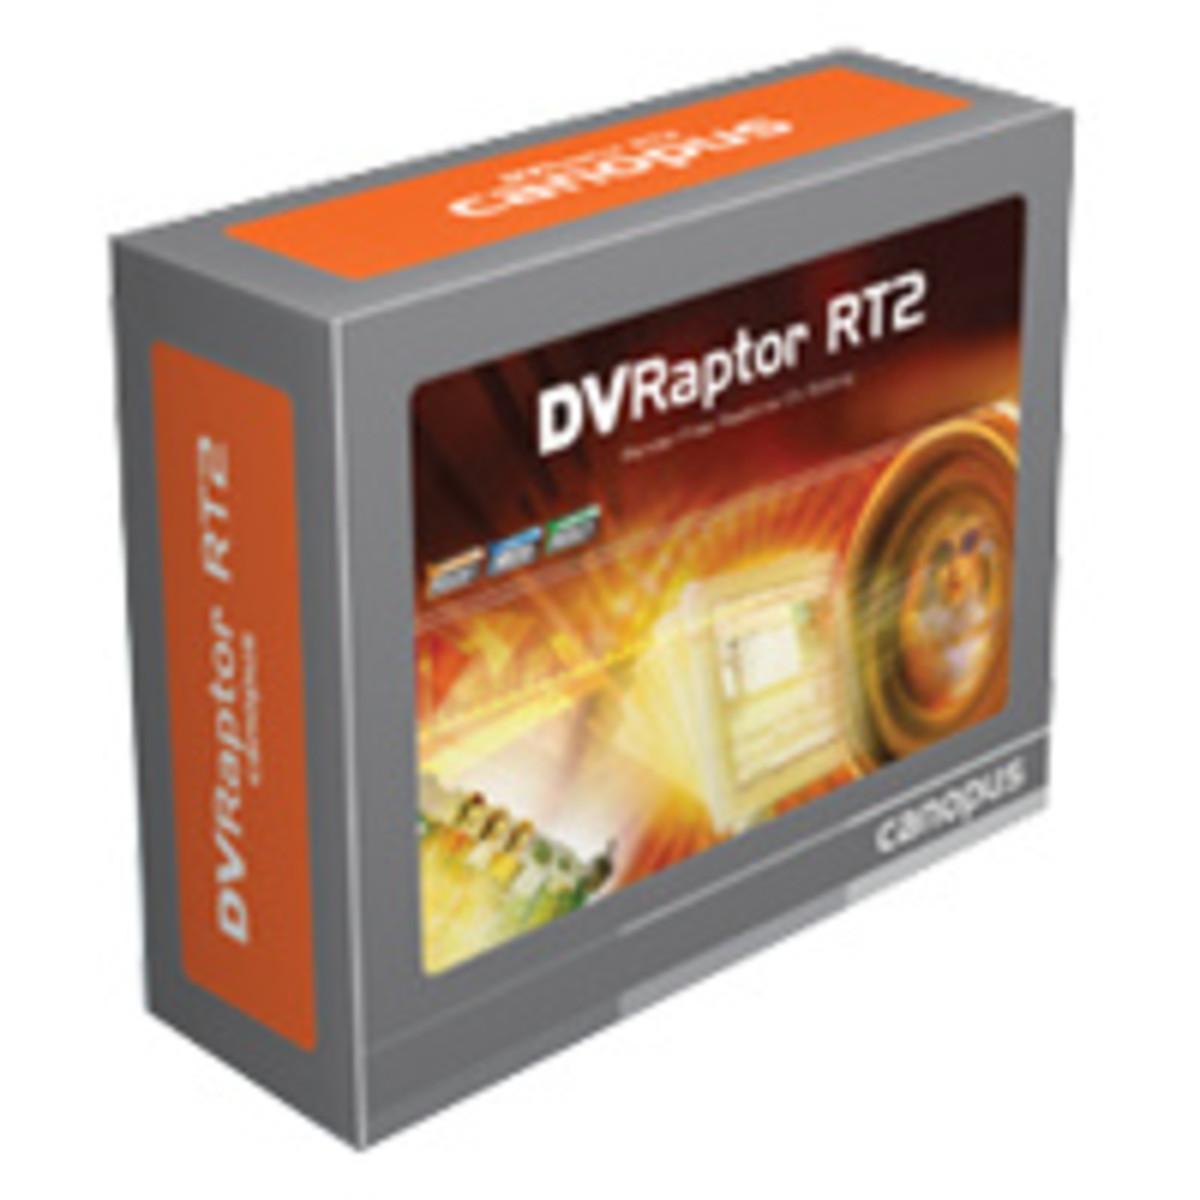 DVRAPTOR DRIVER FOR PC